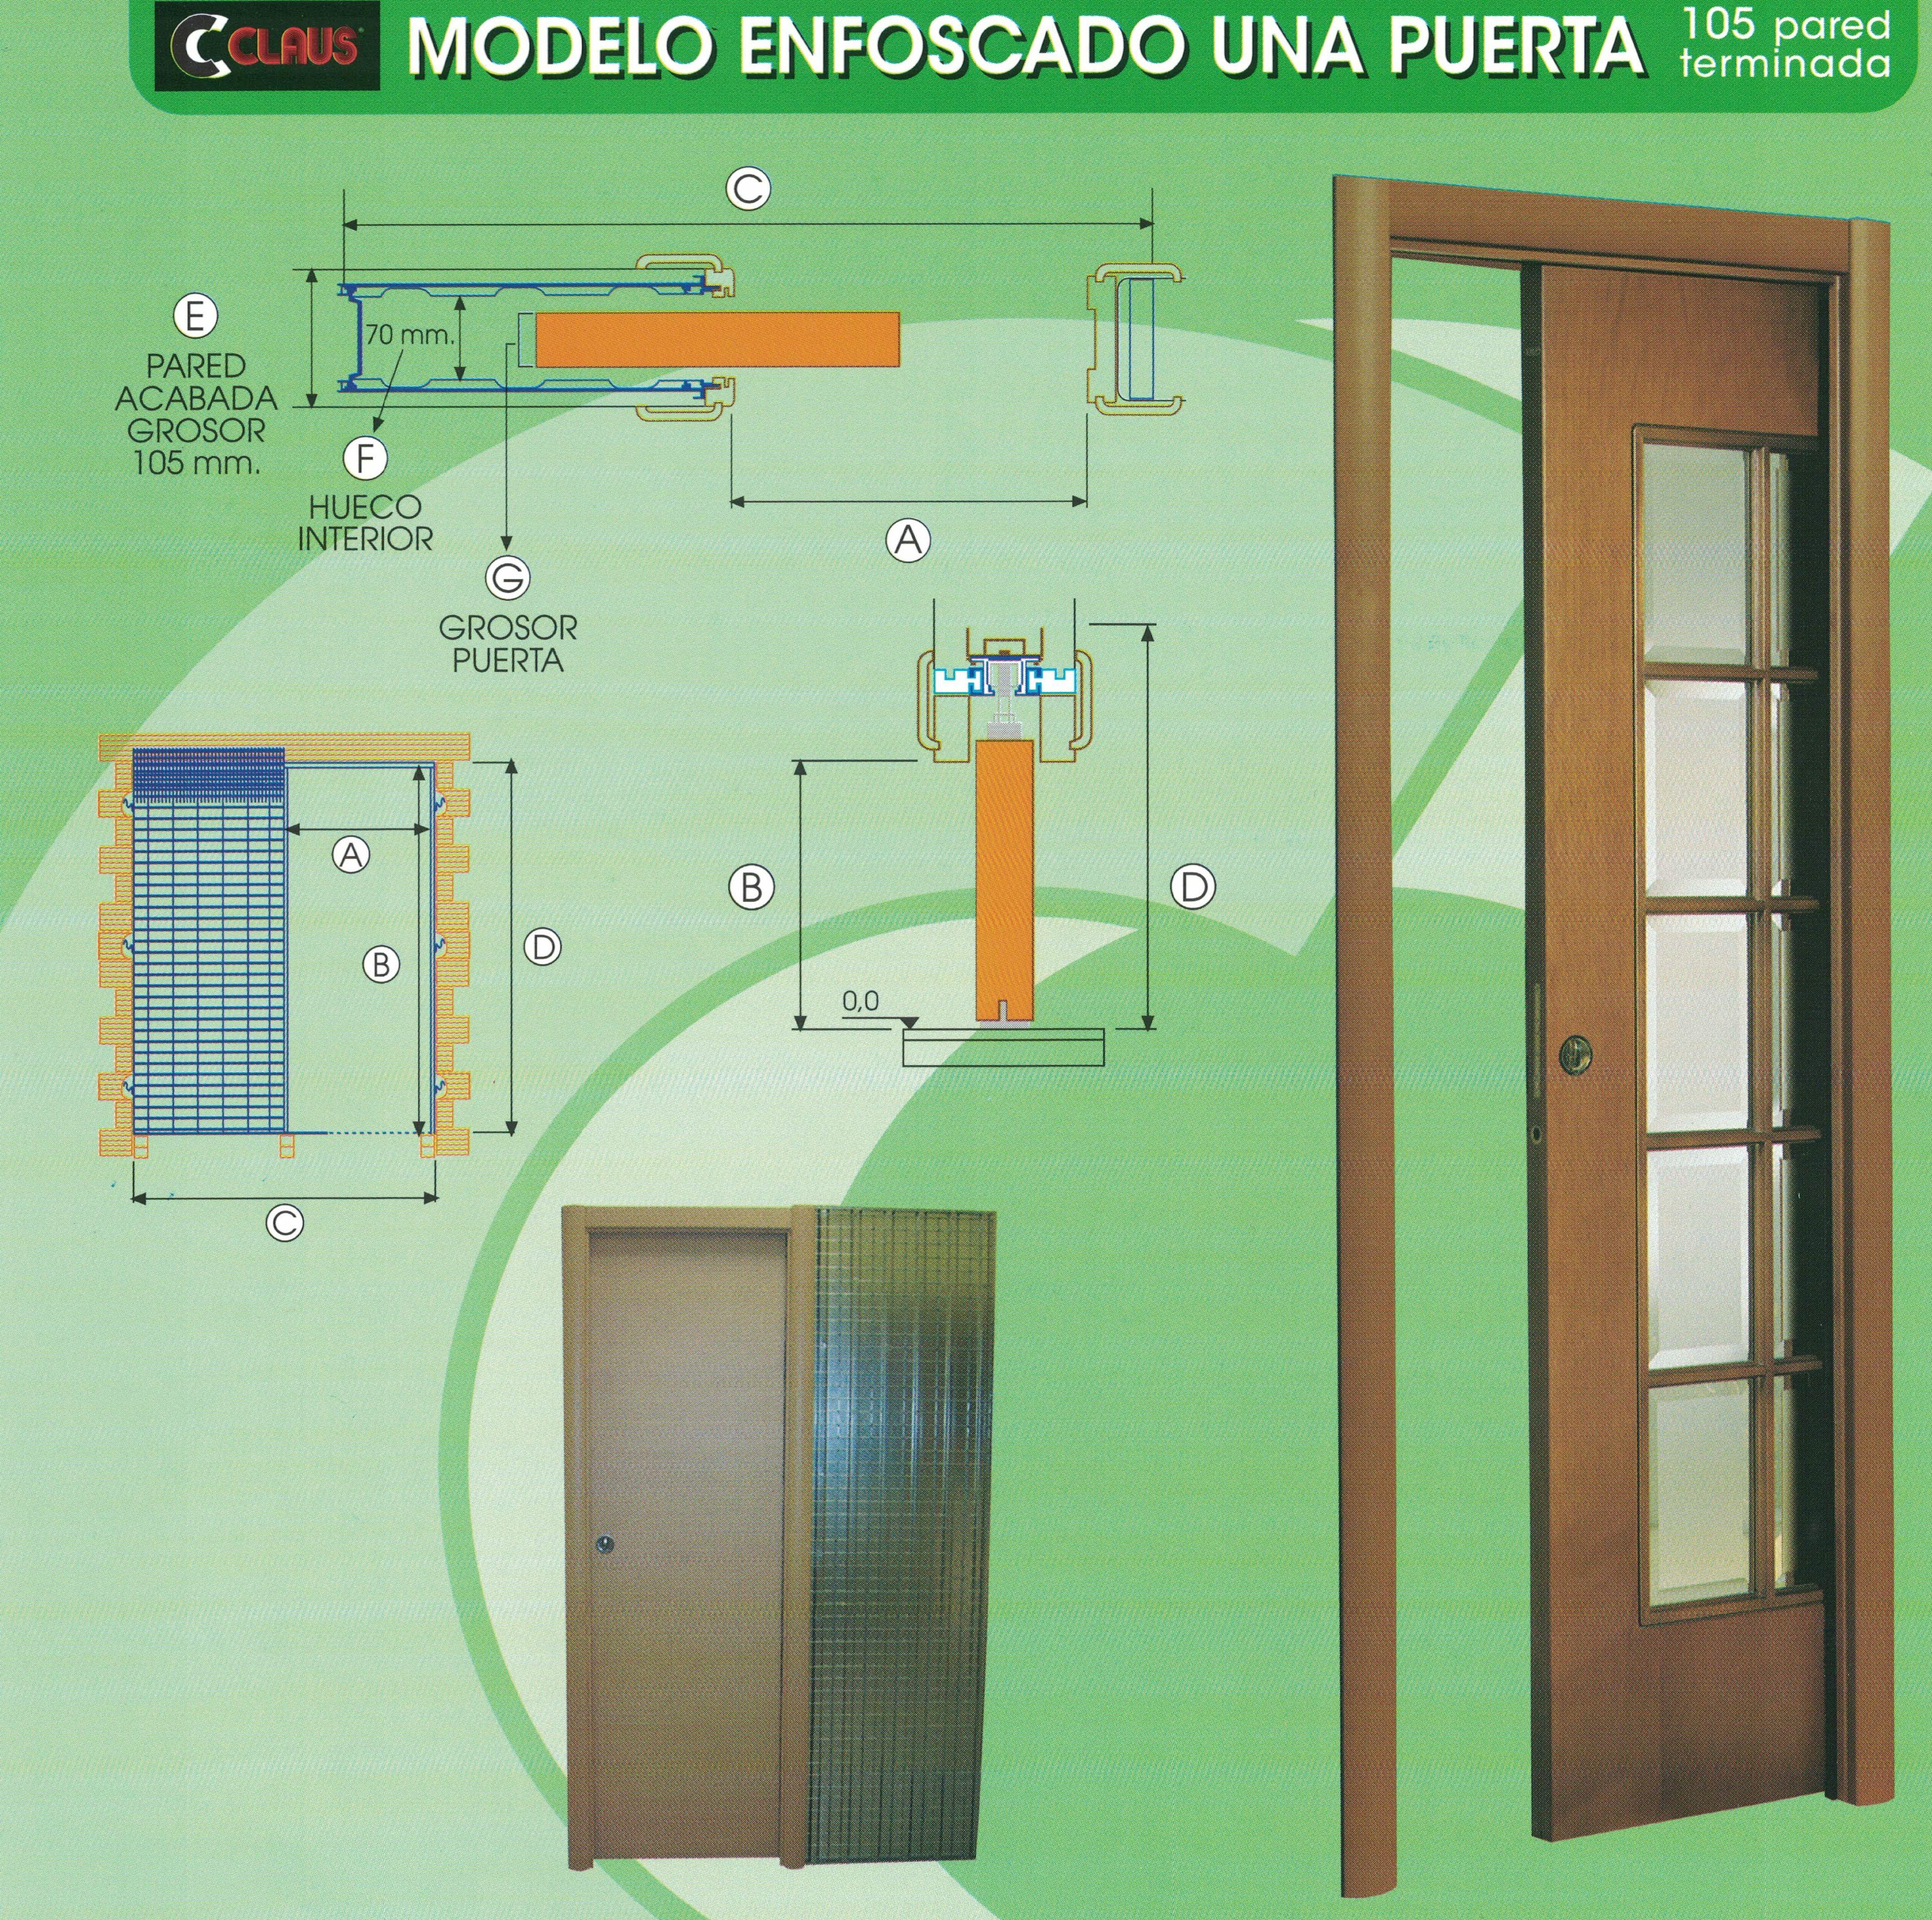 Casoneto enfoscado de una puerta: Productos y servicios de Depoceramic